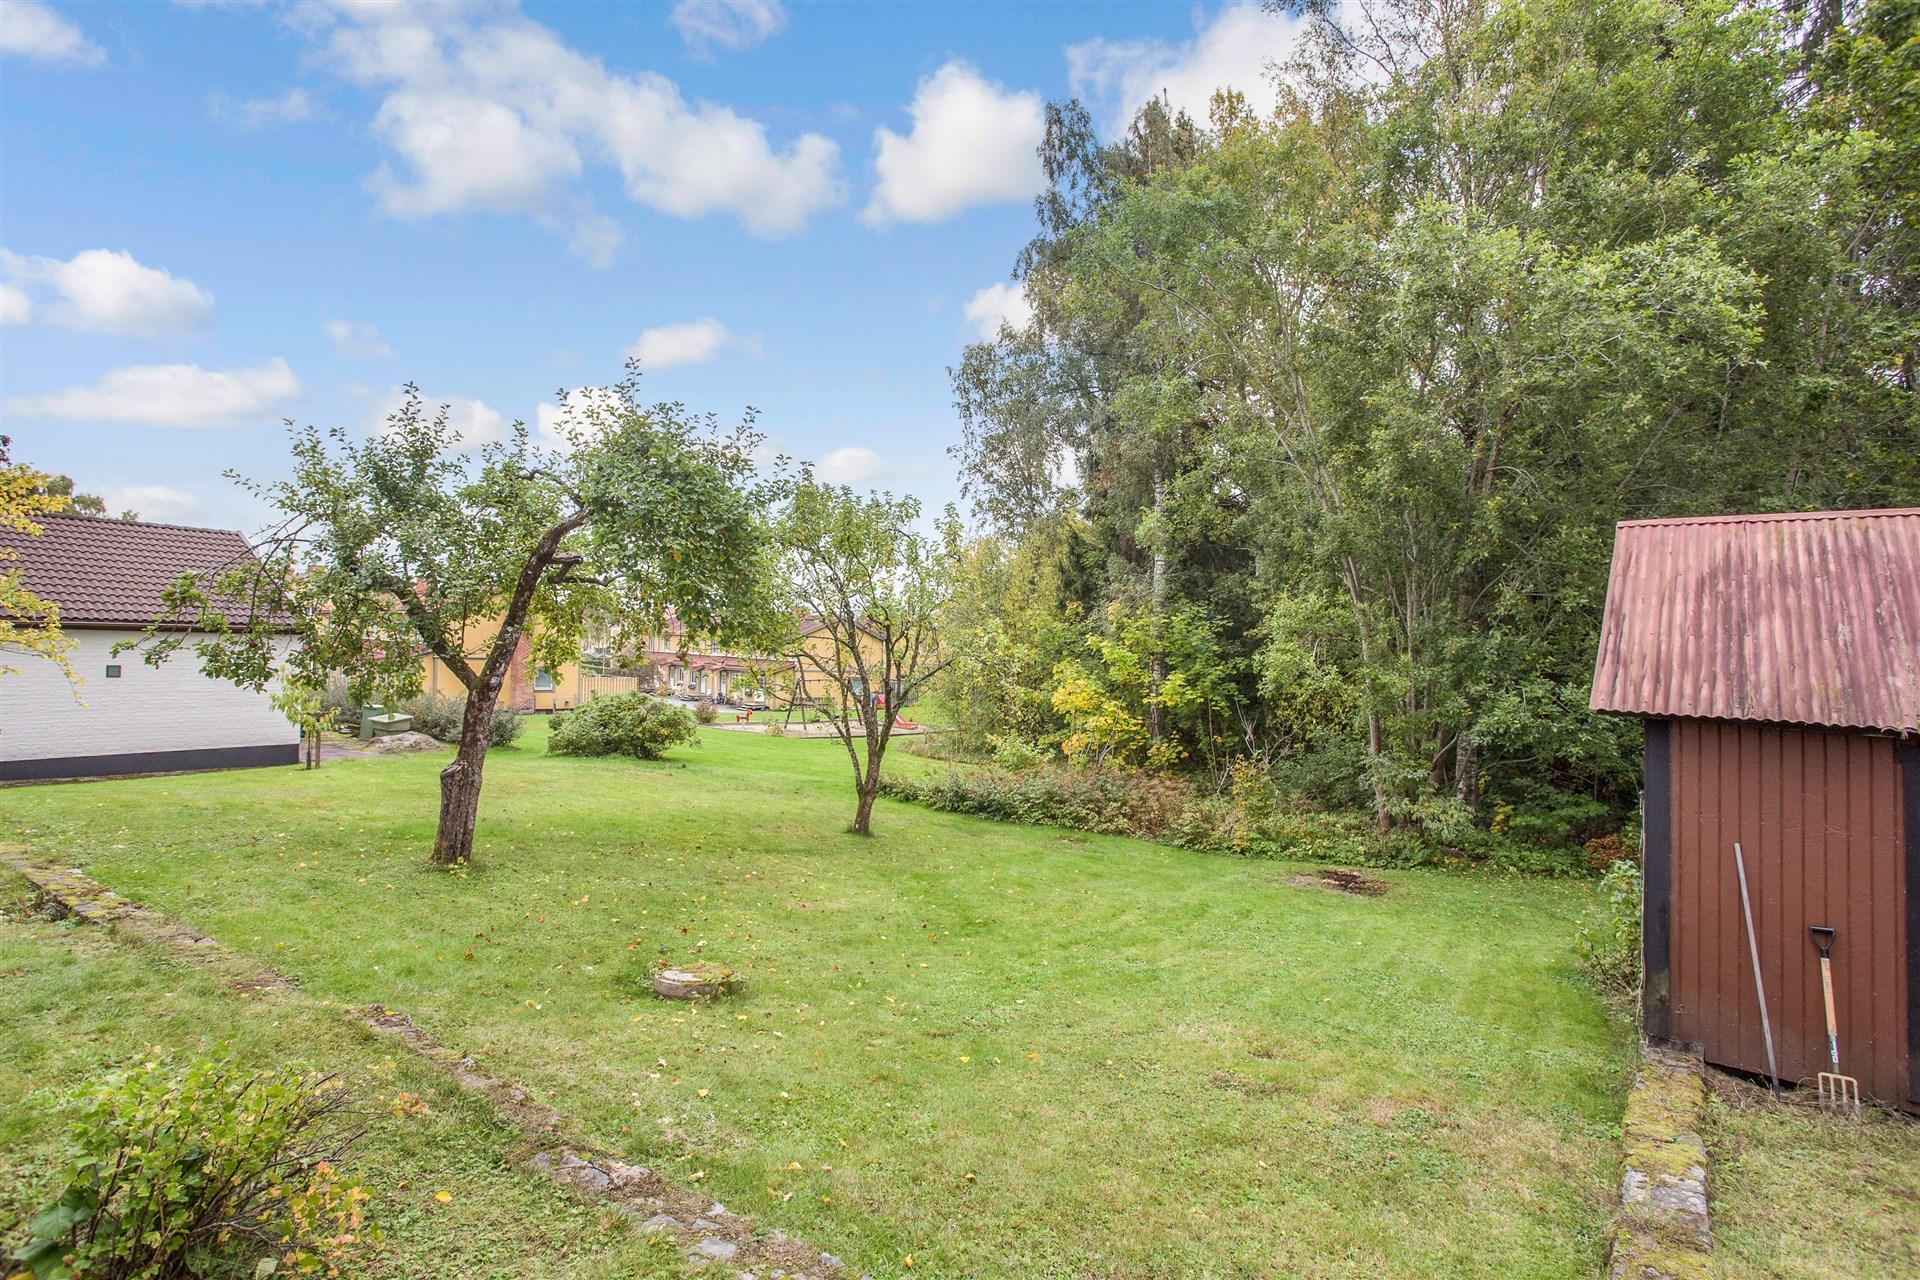 Uppväxt trädgårds- och naturtomt på baksidan.